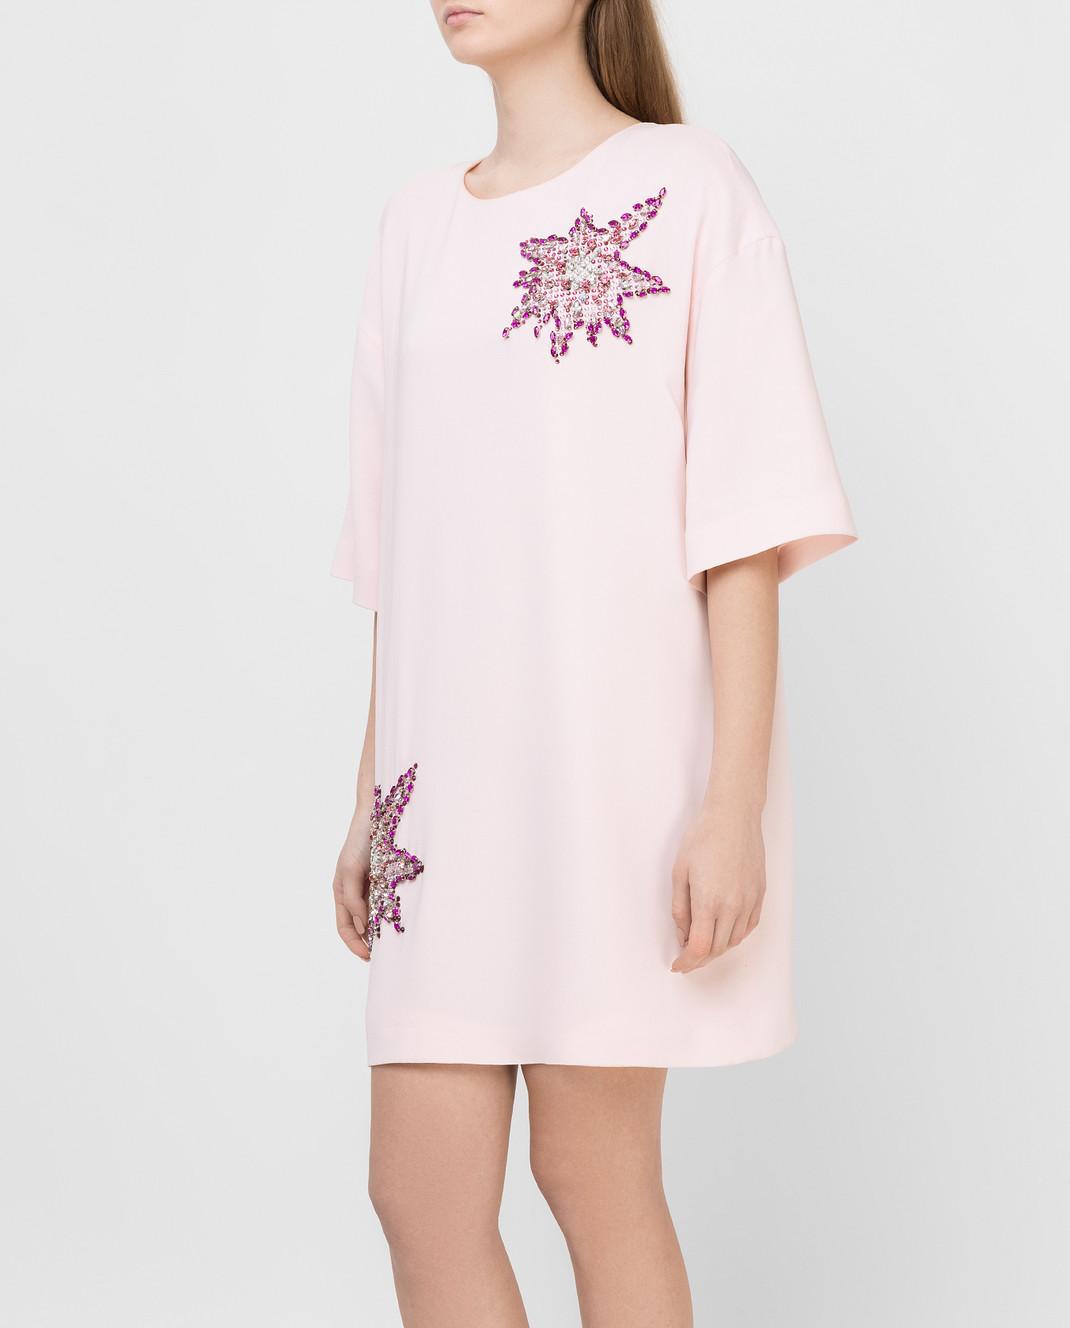 Philipp Plein Розовое платье с кристаллами CW440354 изображение 3